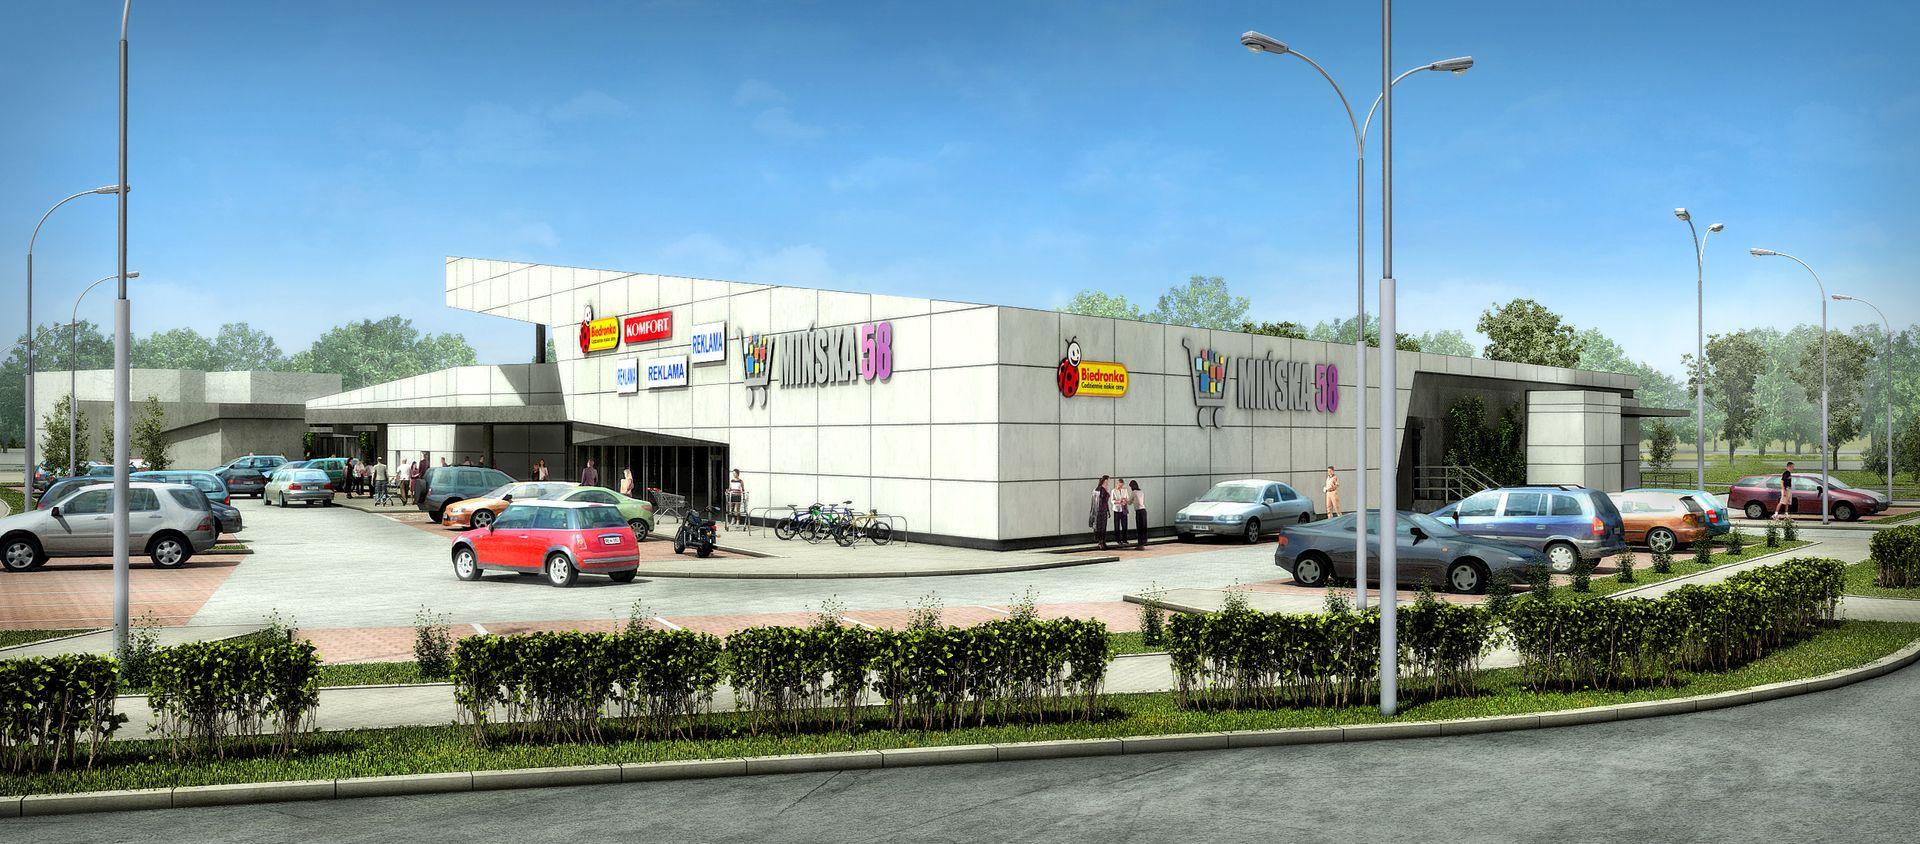 Wrocław: Centrum handlowe Mińska 58 coraz bliżej otwarcia